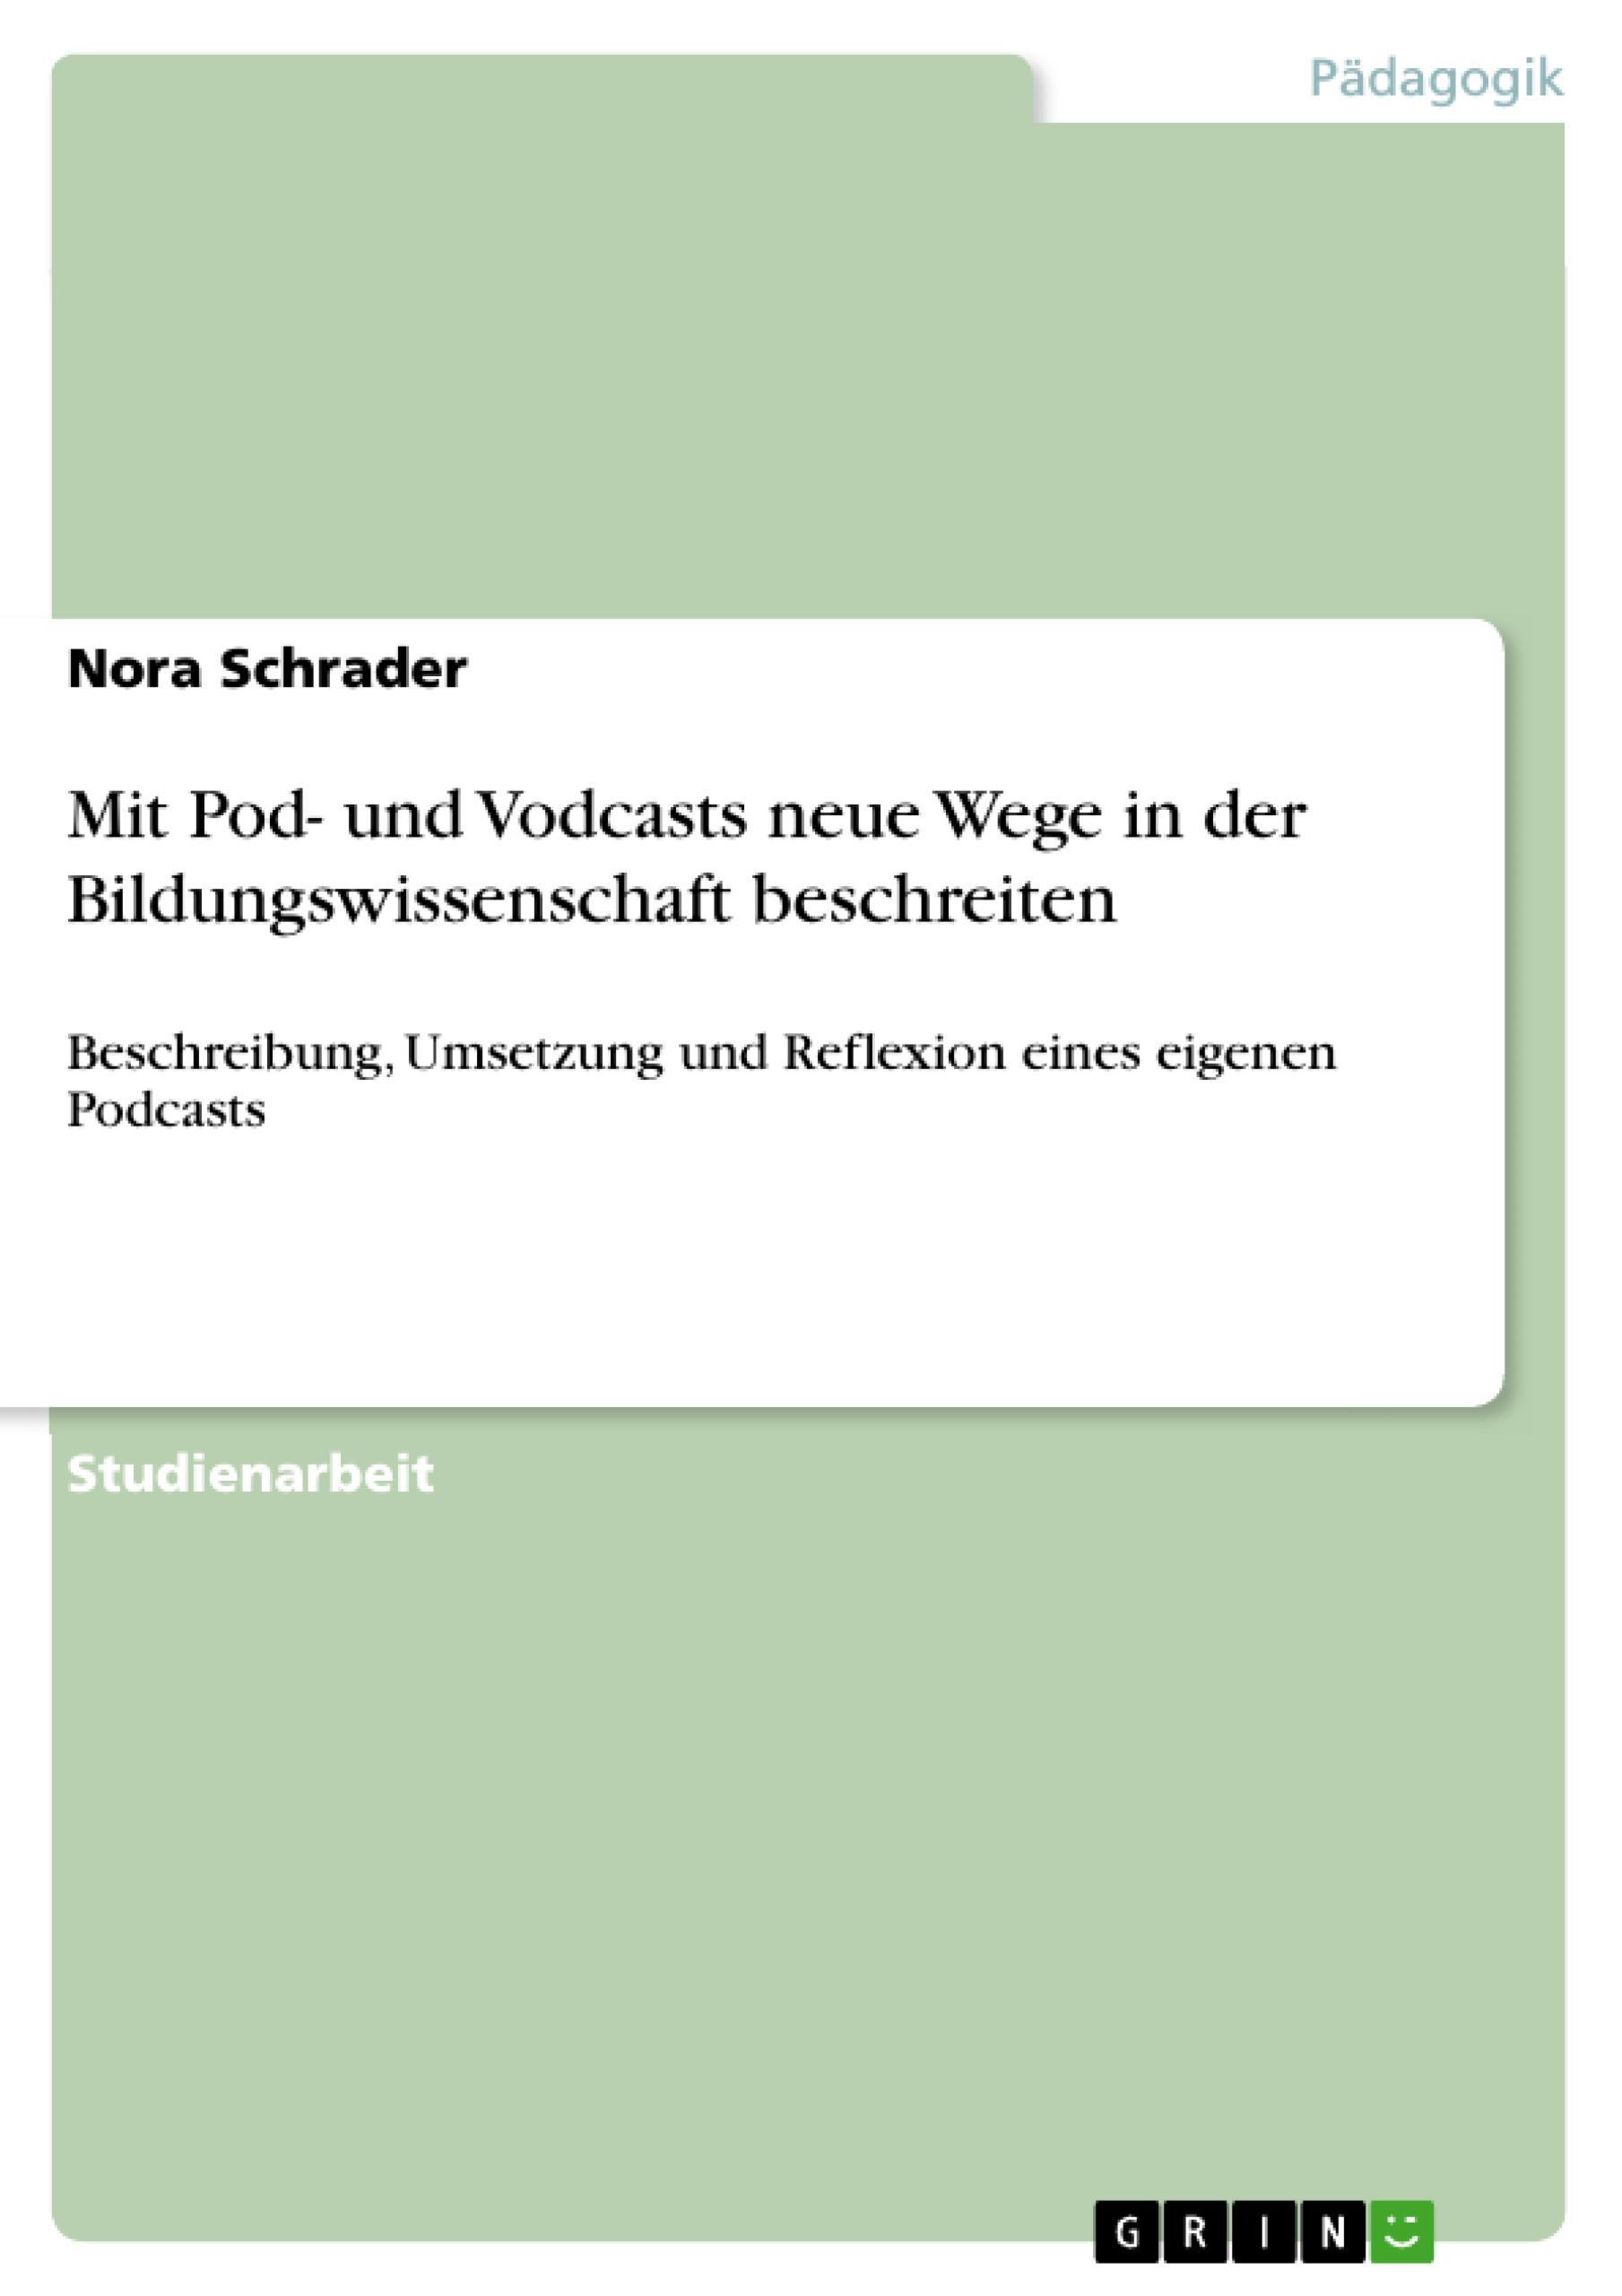 Mit Pod- und Vodcasts neue Wege in der Bildungswissenschaft beschreiten Nor ...